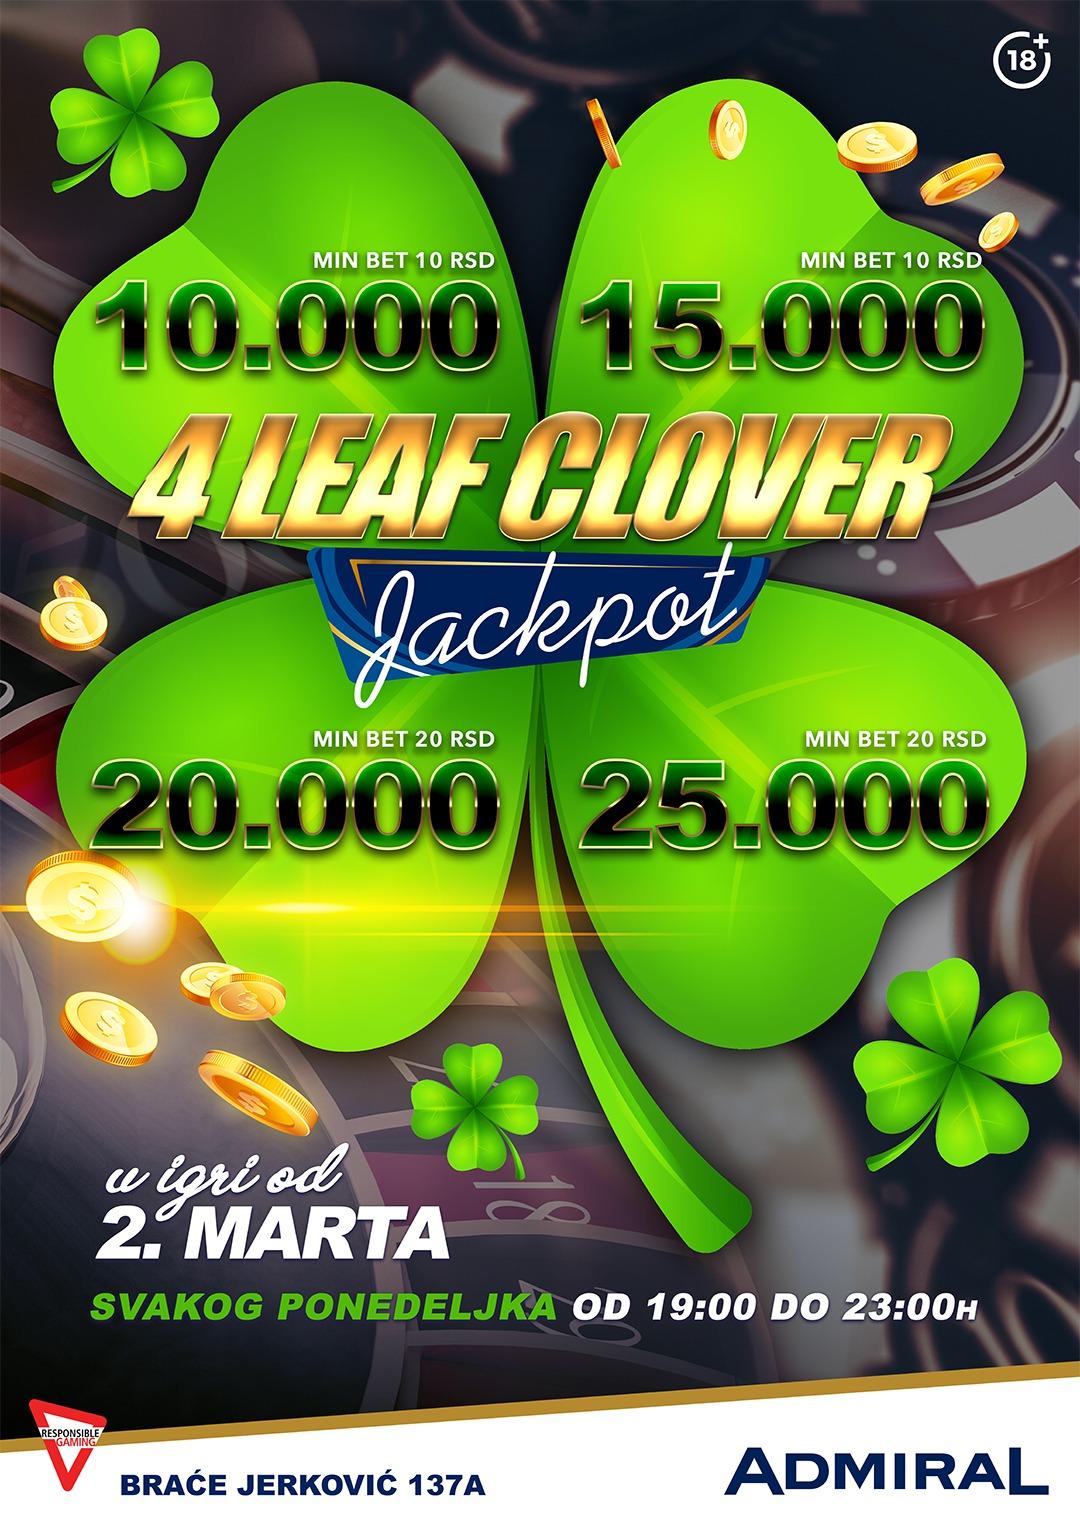 4 leaf clover – jerkovic